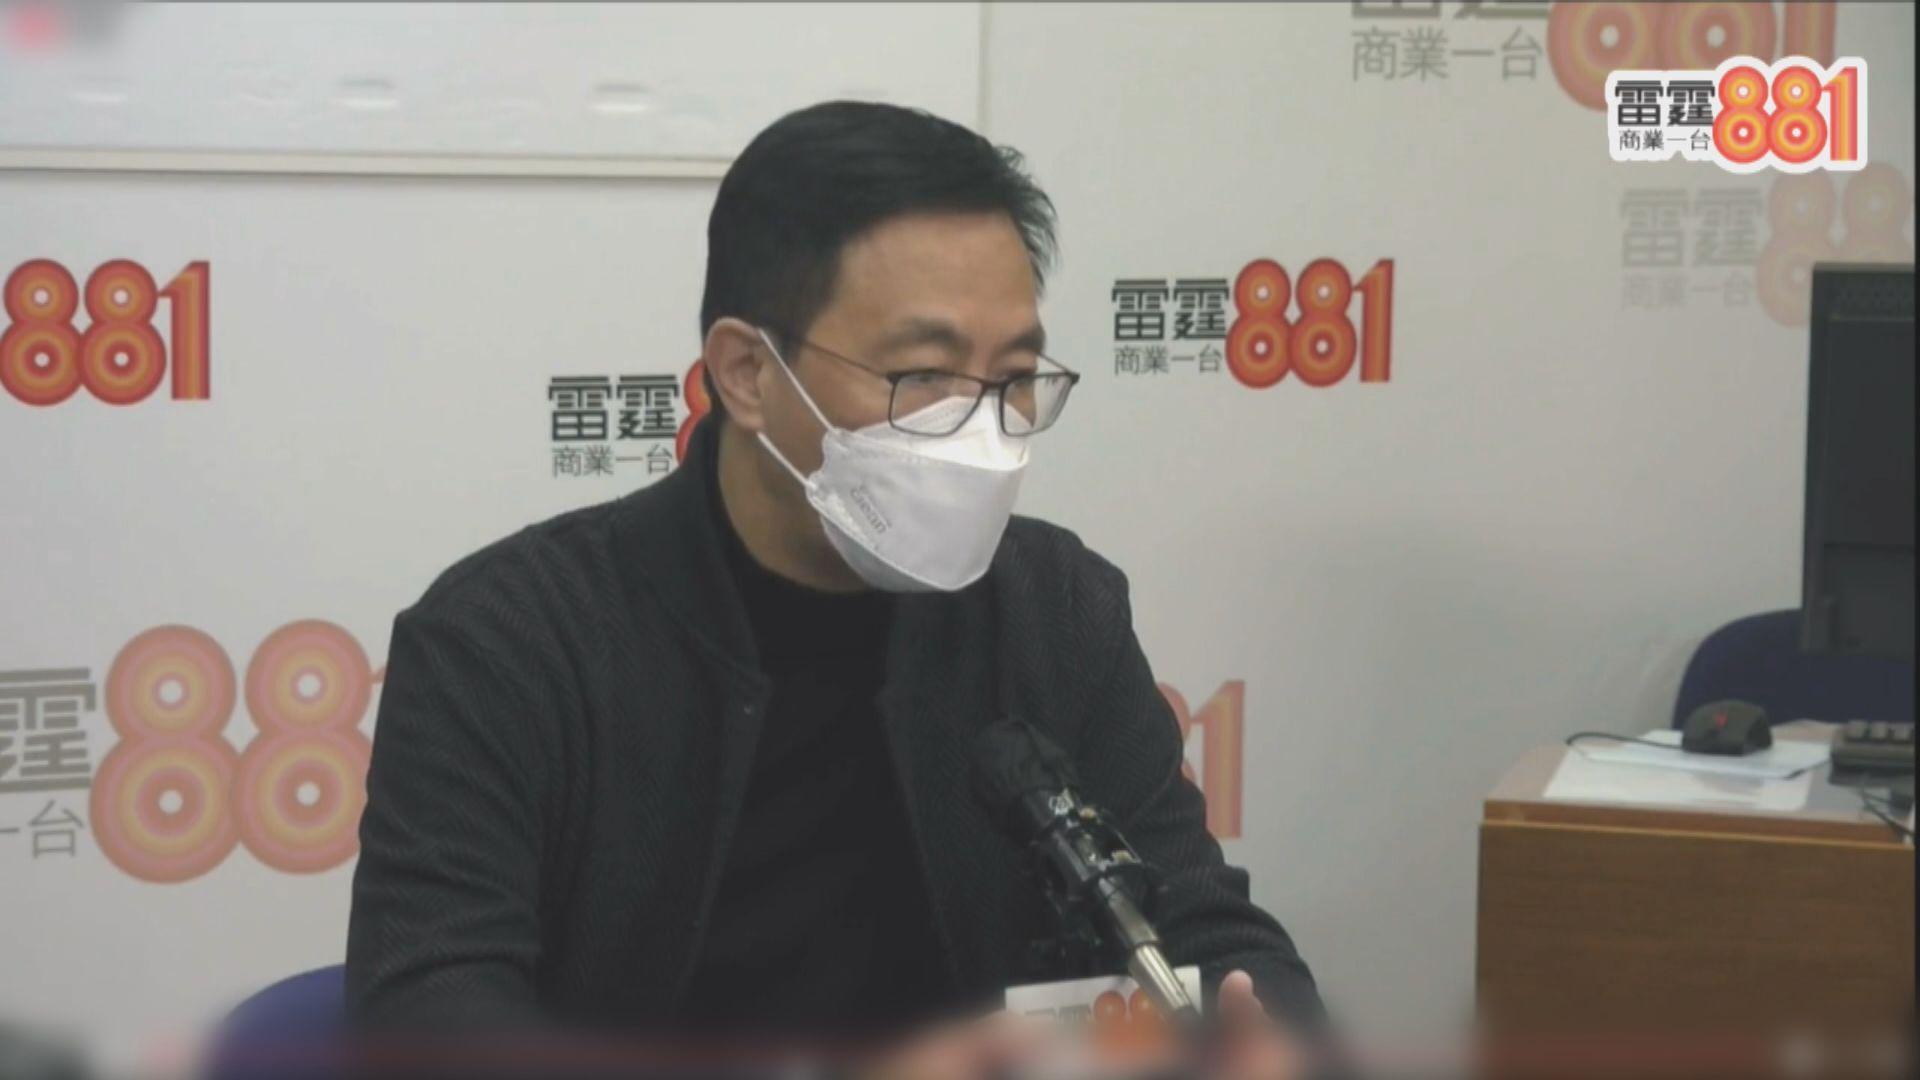 楊潤雄:通識要求到內地考察 讓學生認清事實了解國情